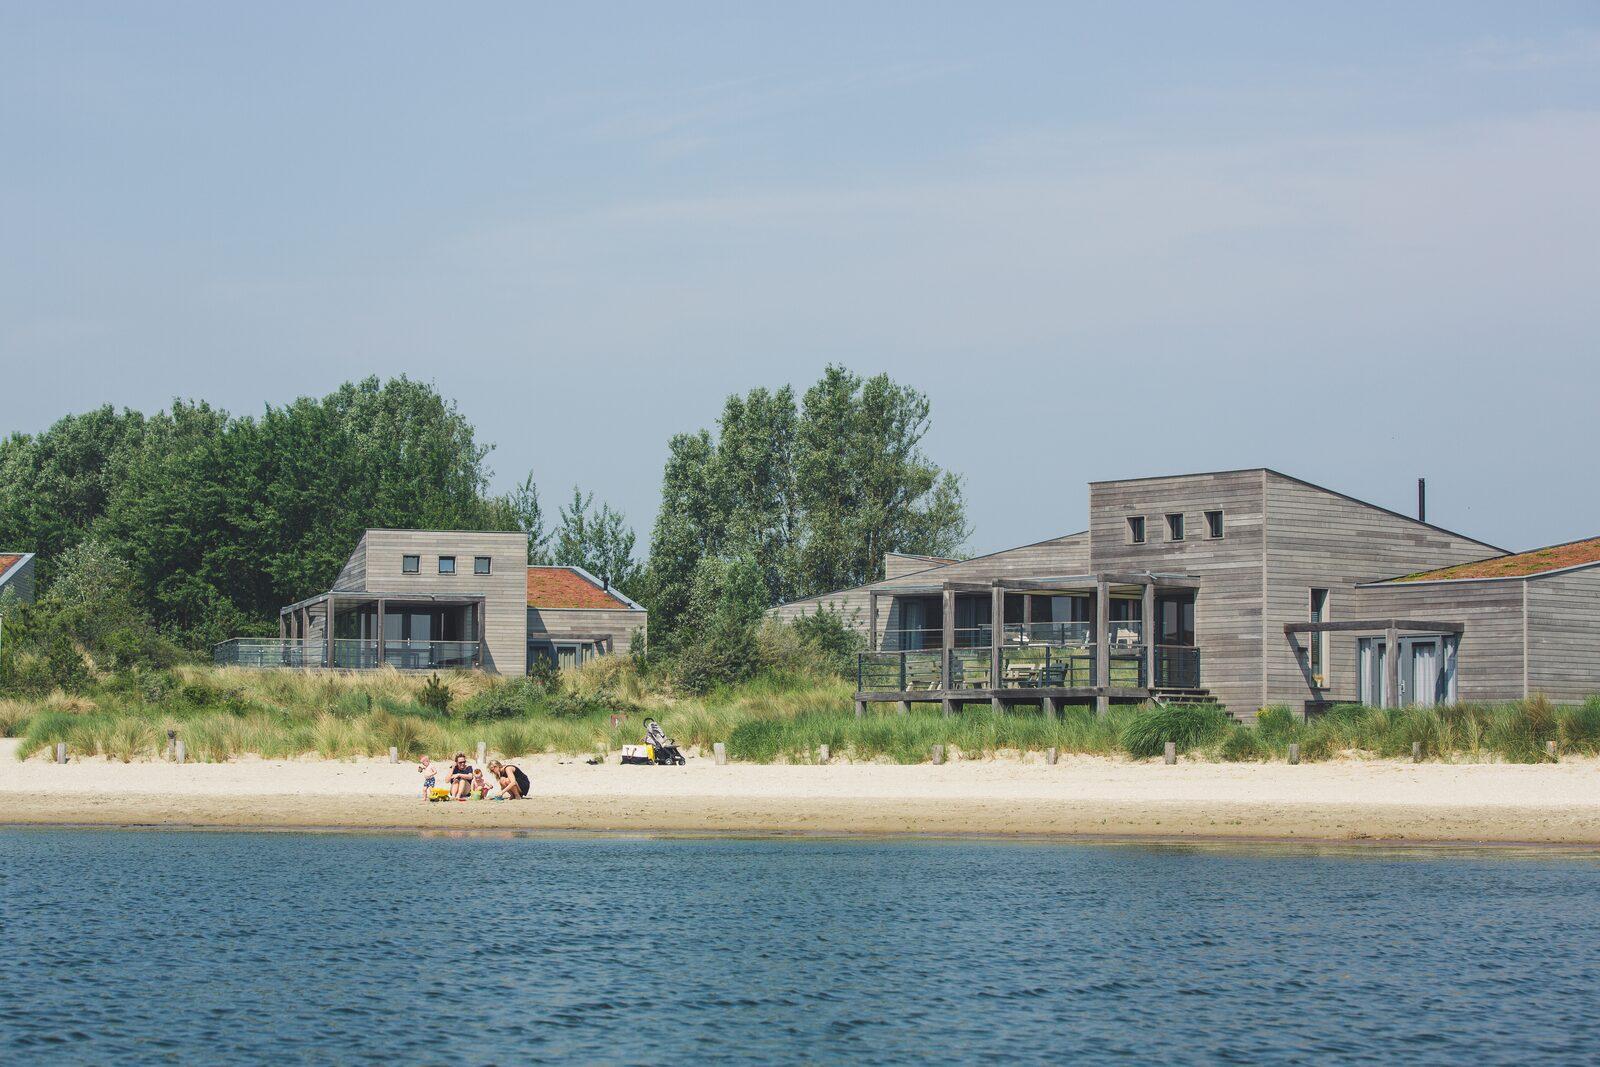 Stijlvol en luxe ingerichte villa's